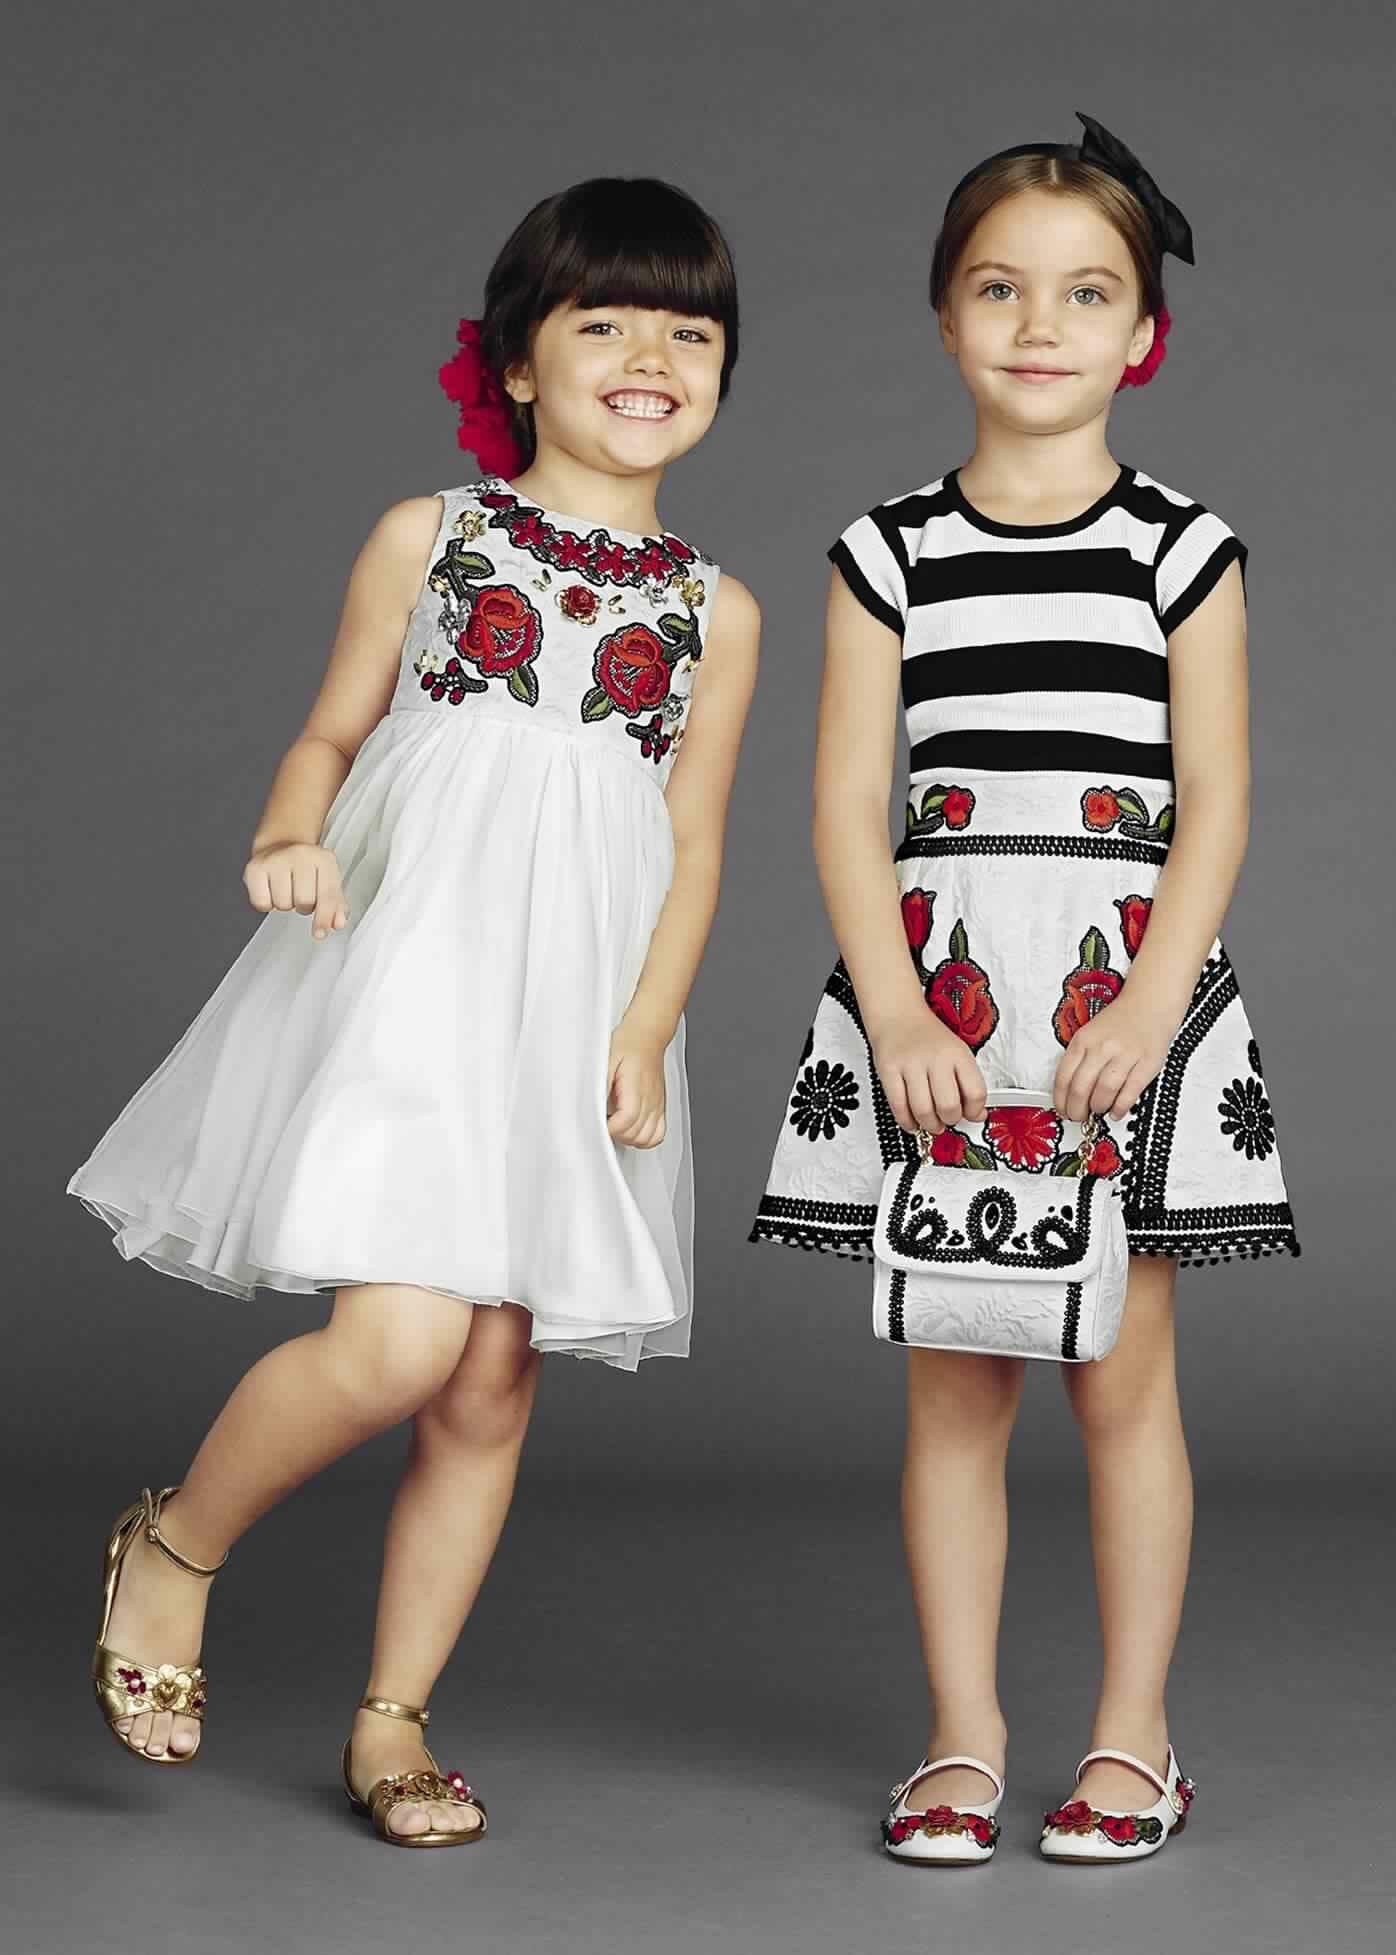 صور مميزة لأجدد موديلات ملابس العيد للاطفال متنوعة